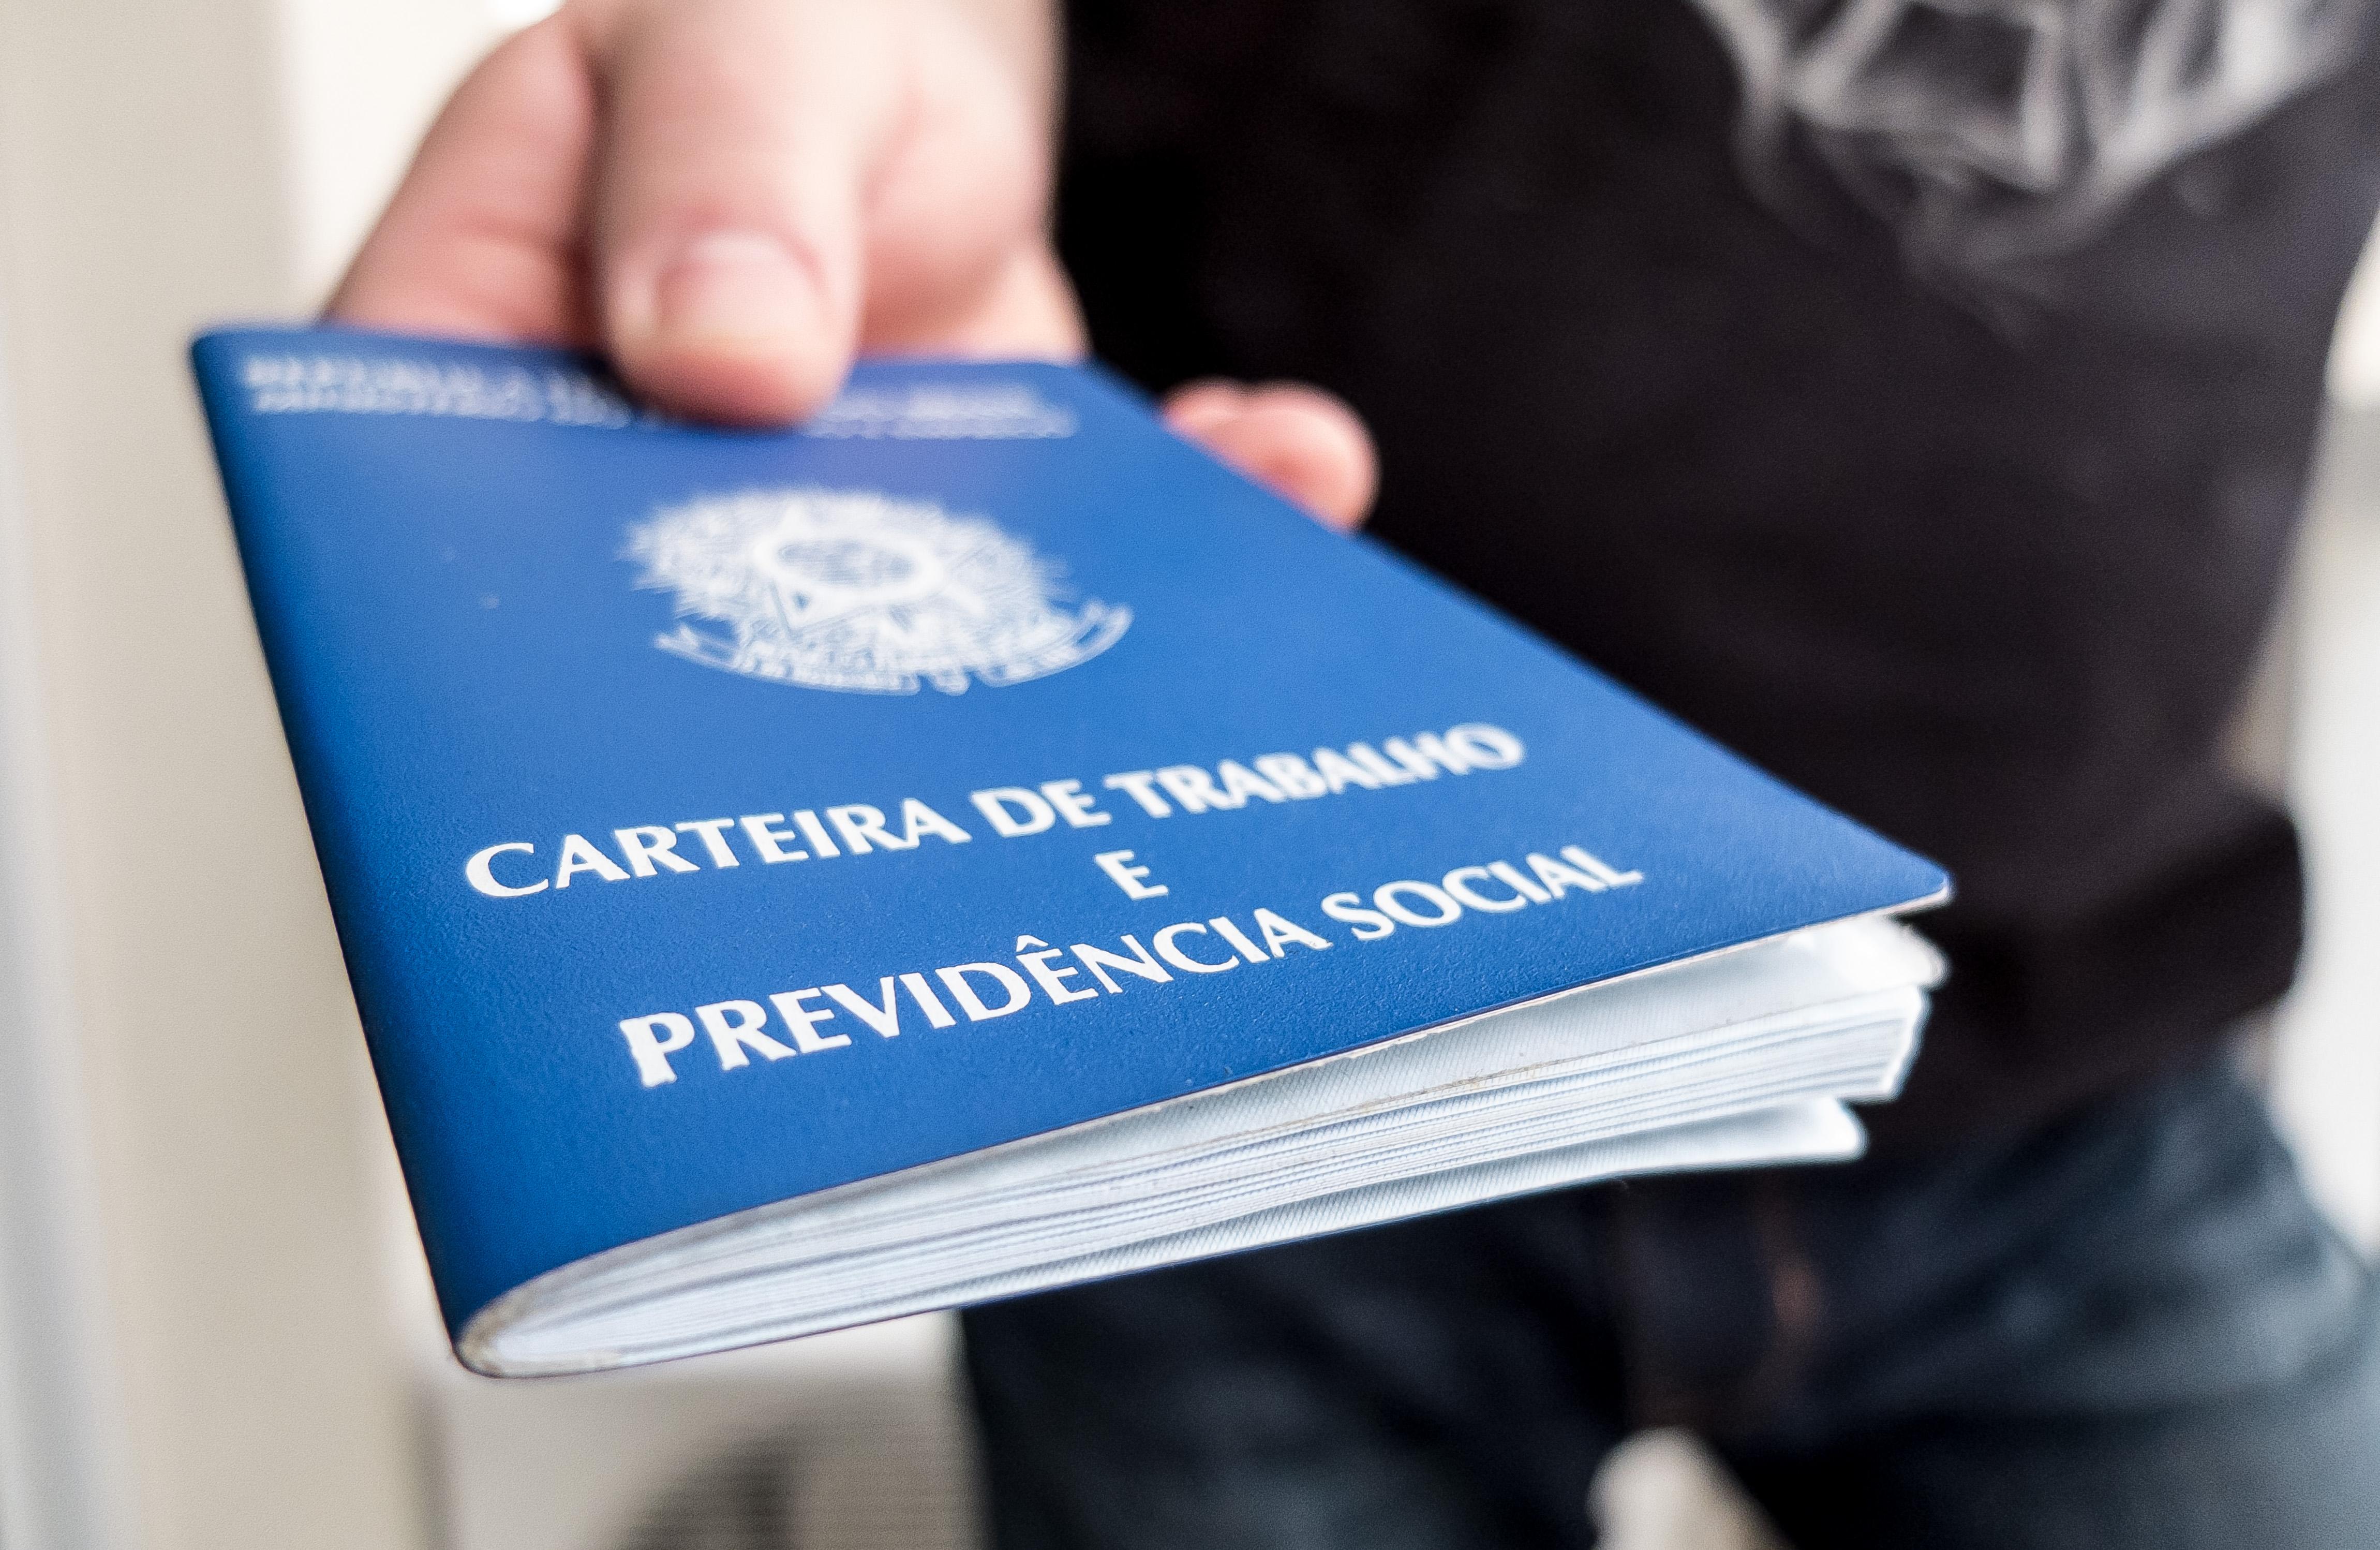 7b2bd1fe442 Em busca de emprego  Agências do Sine no ES oferecem 138 vagas nesta semana